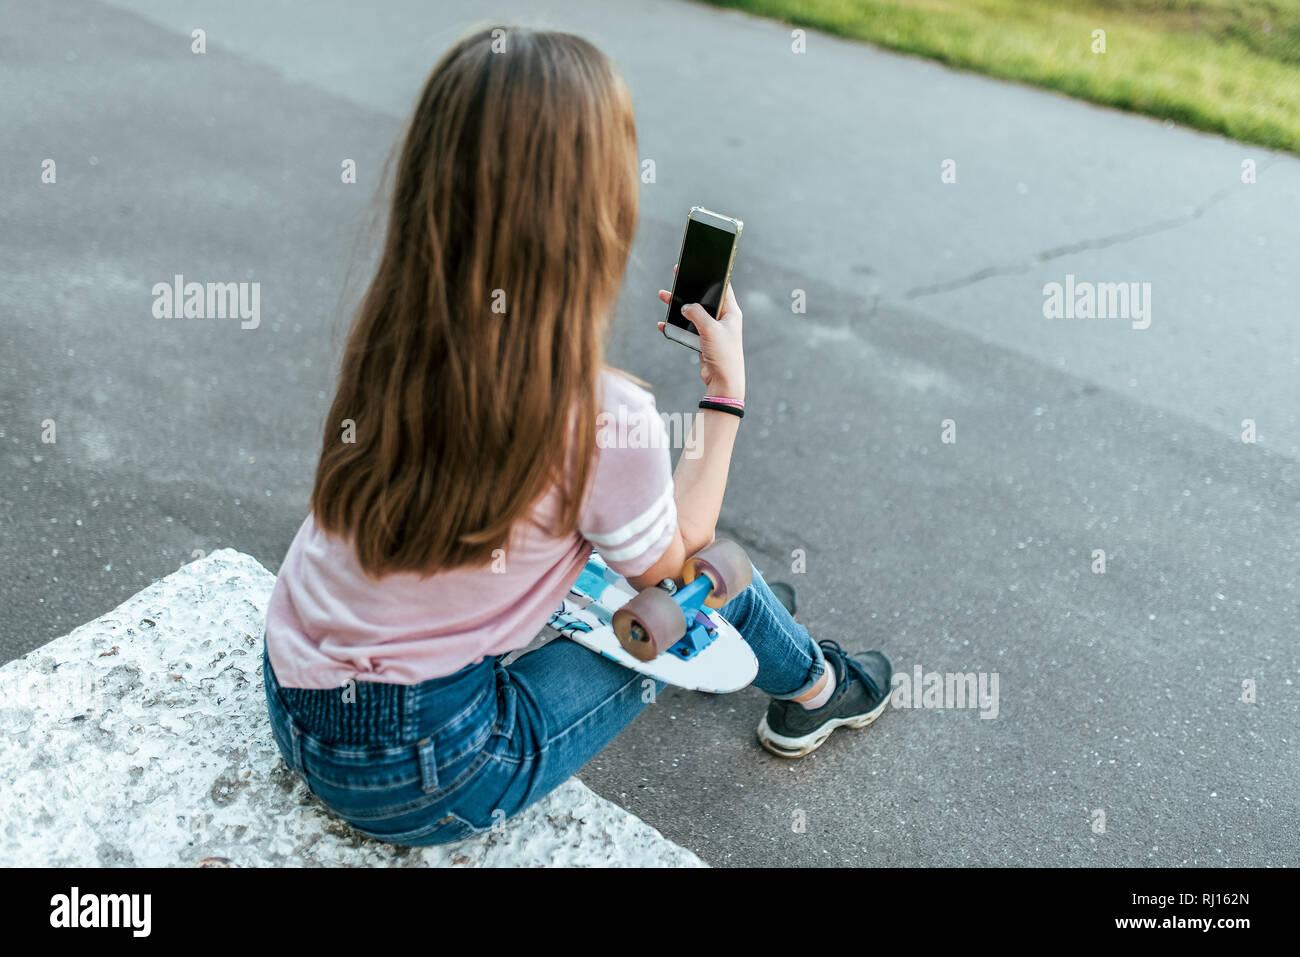 Jugendlich Mädchen 9-10 Jahre alt und sitzt in Händen eines Skate. Im Sommer in der Stadt in lässigen Jeans. Kommunikation im Internet, in den Händen der Smartphone hält Stockbild